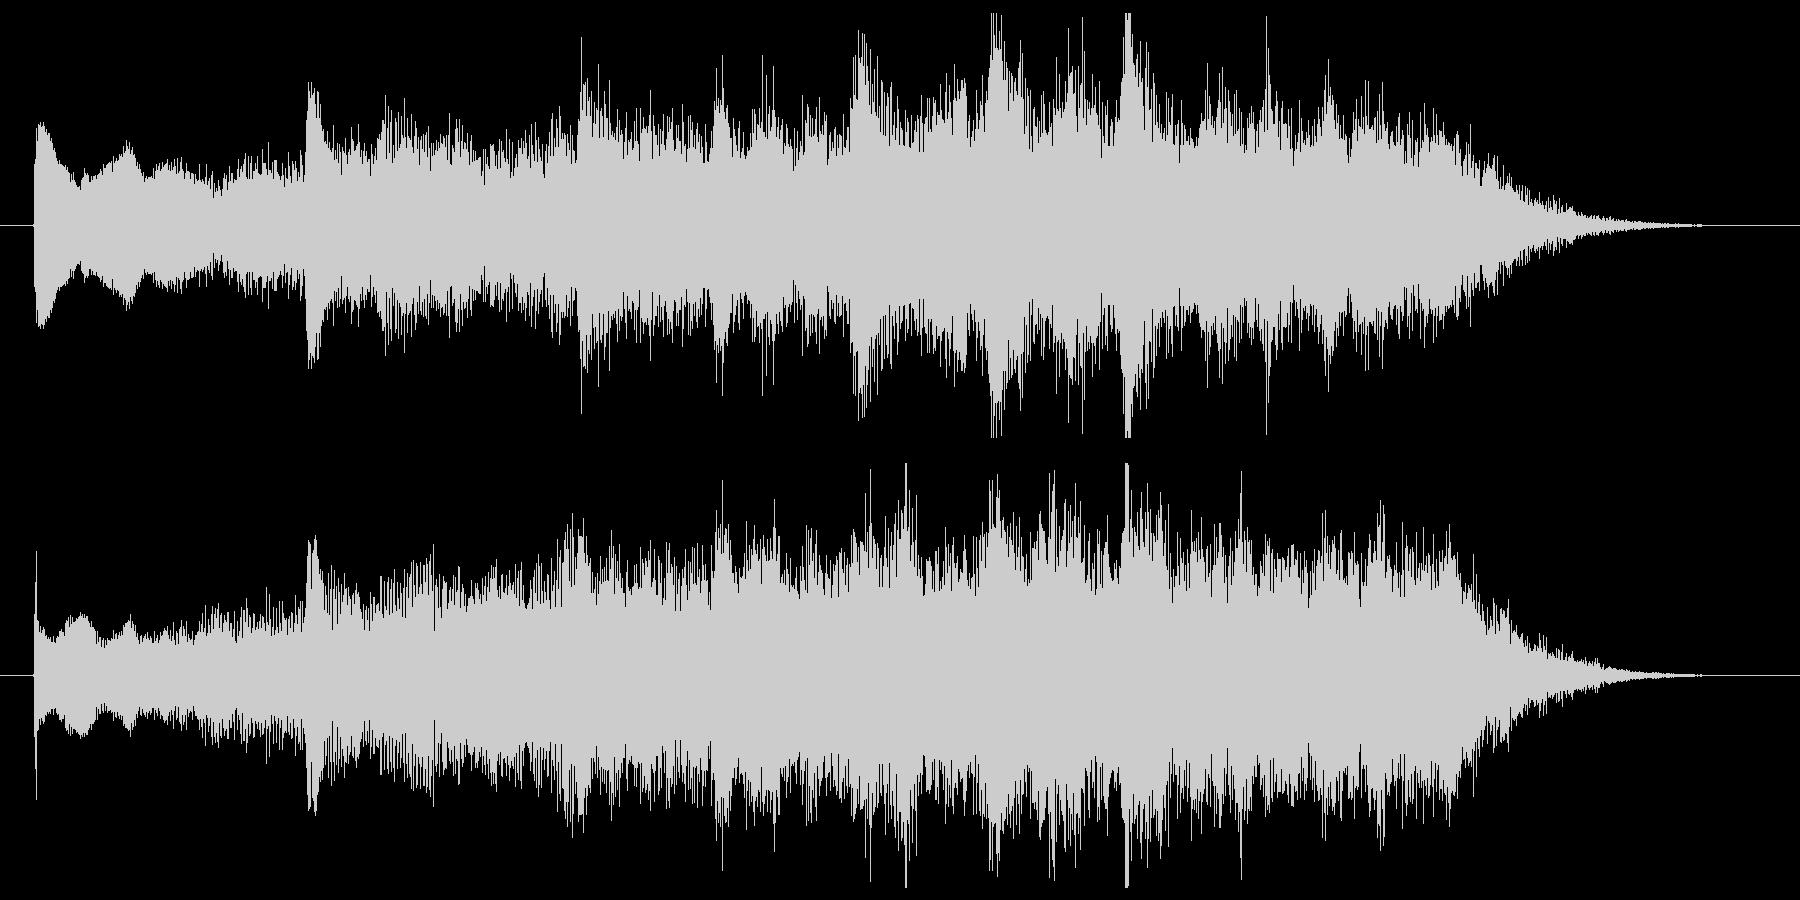 目覚めを思わせるサウンドロゴの未再生の波形